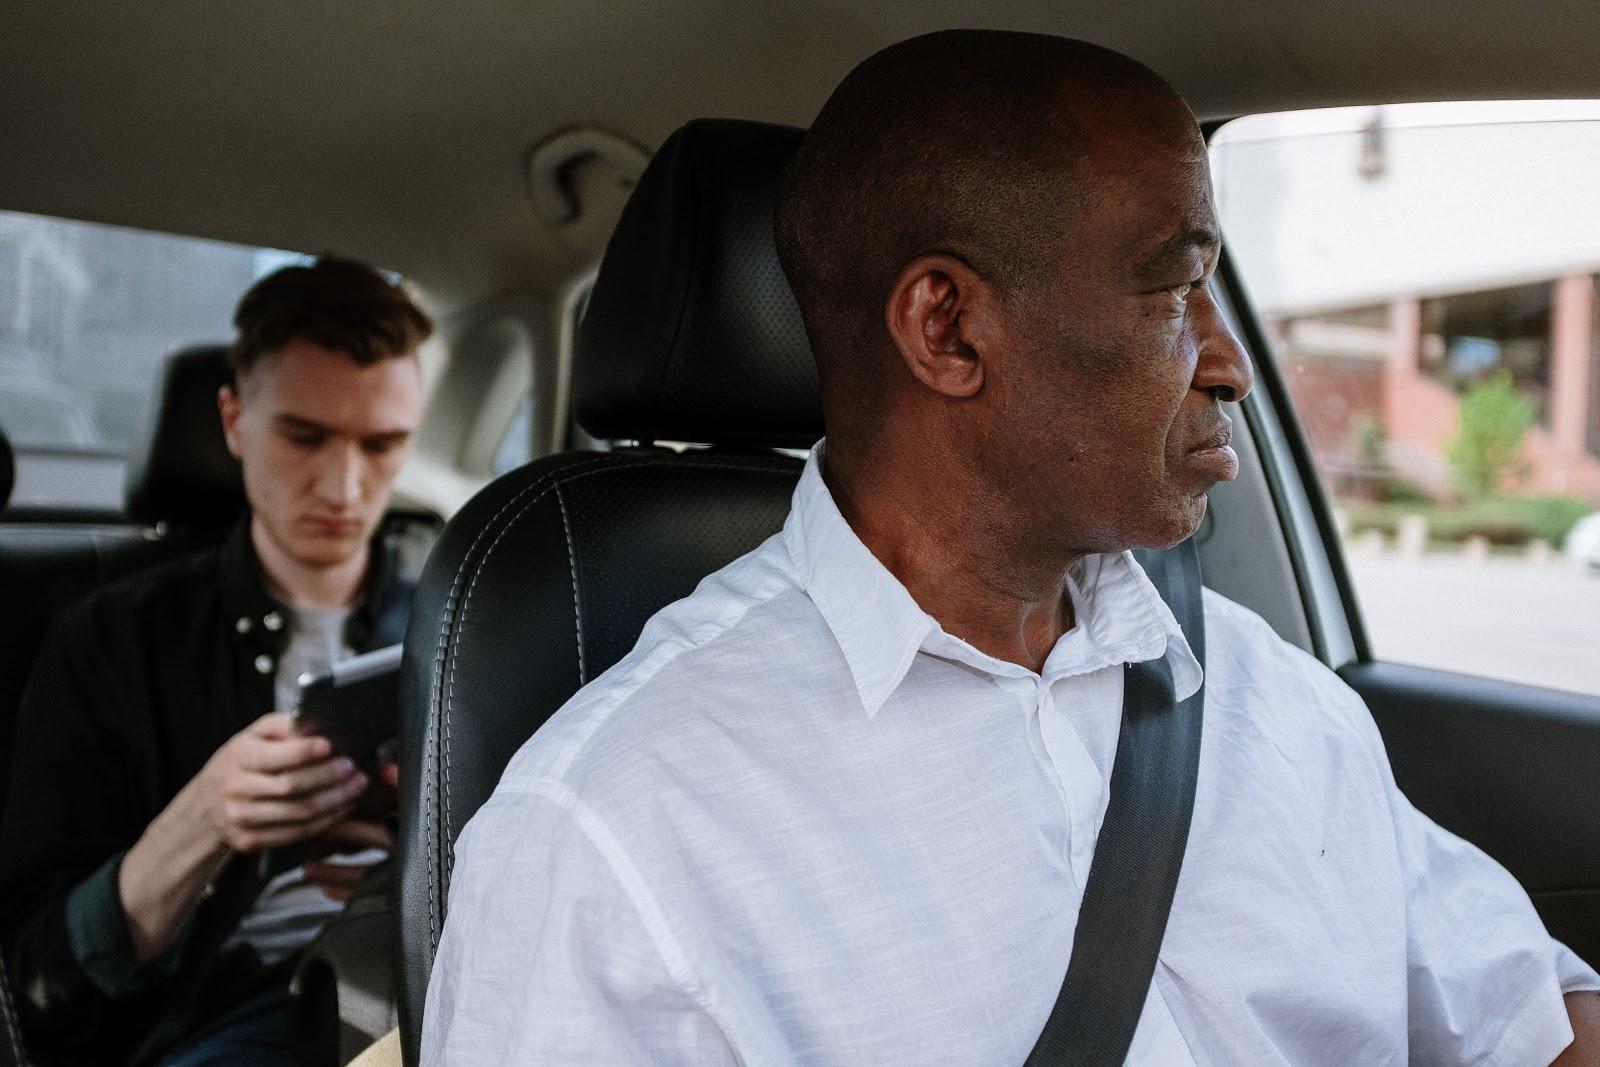 Motorista dirigindo e no banco de trás um homem verificando no celular quantas pessoas podem ir no Uber e 99